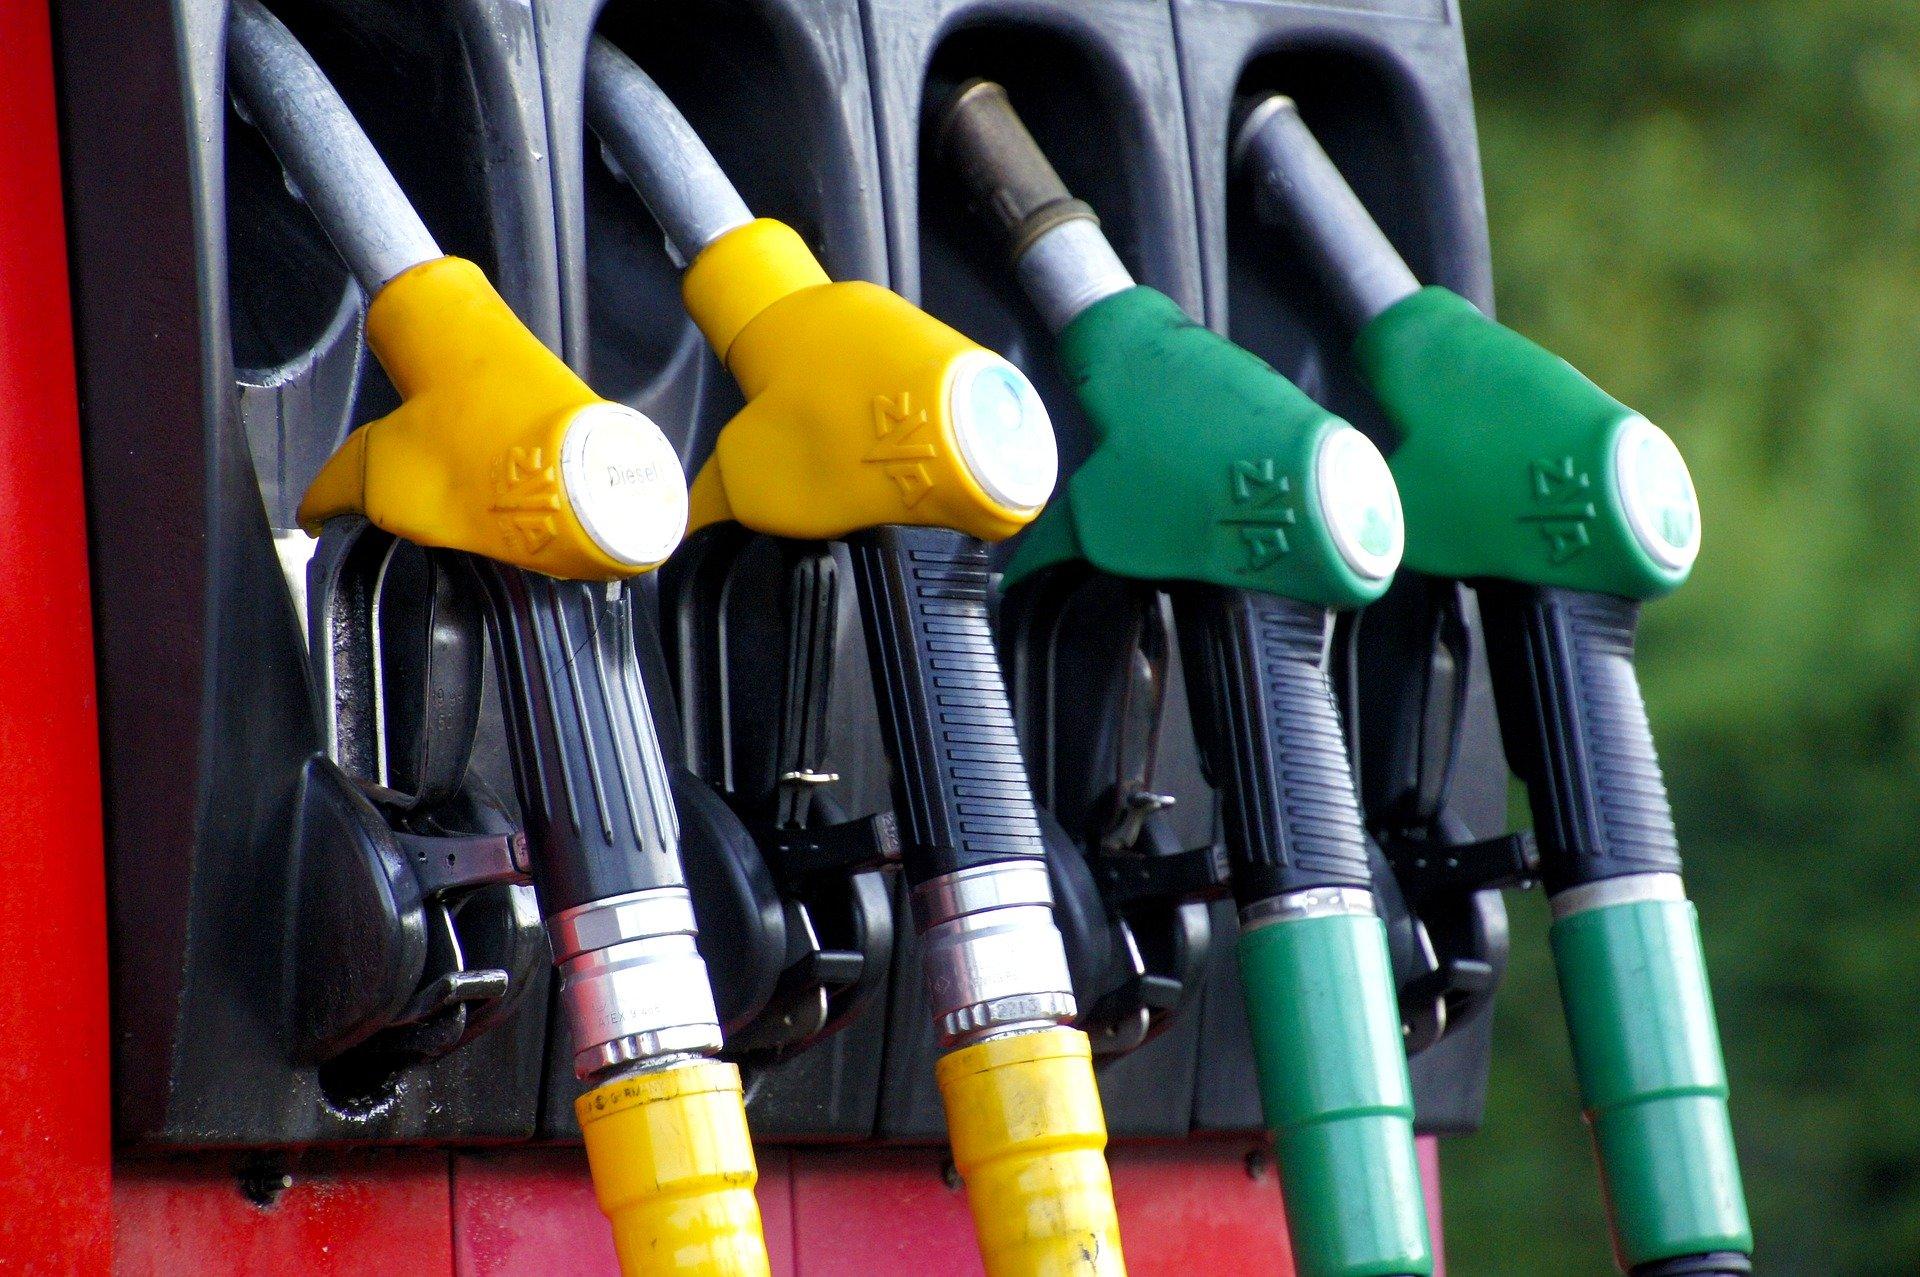 Comum x Aditivada x Premium: saiba qual a diferença entre os tipos de gasolina!